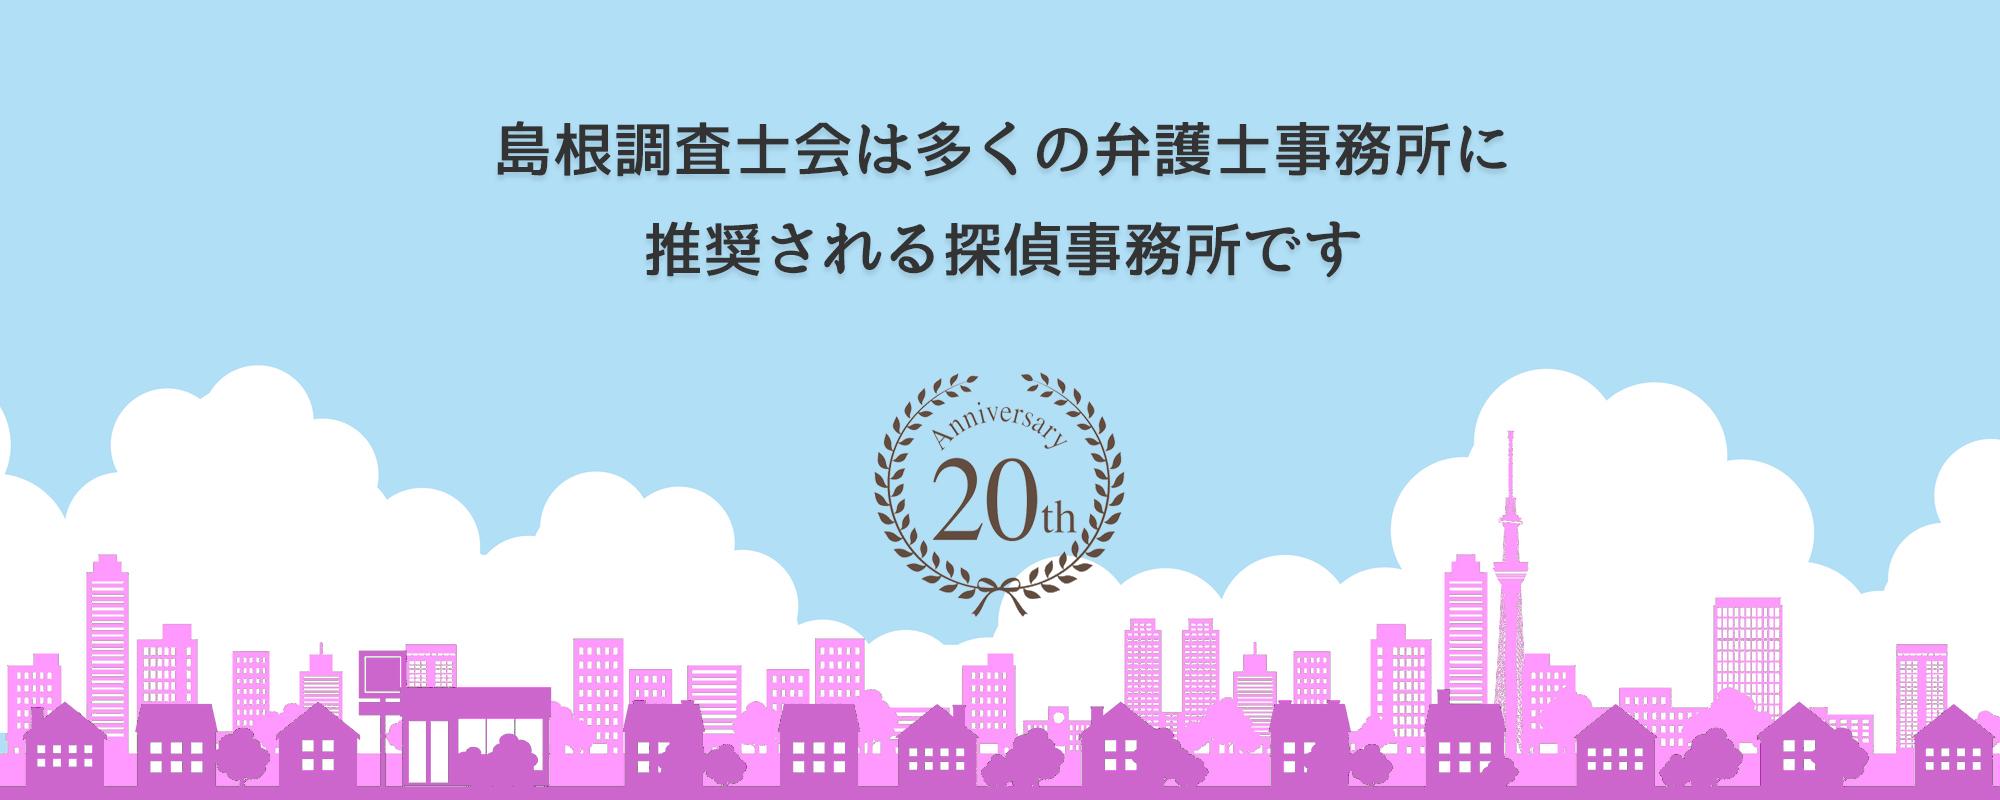 島根相談室は多くの弁護士事務所に推奨されています。